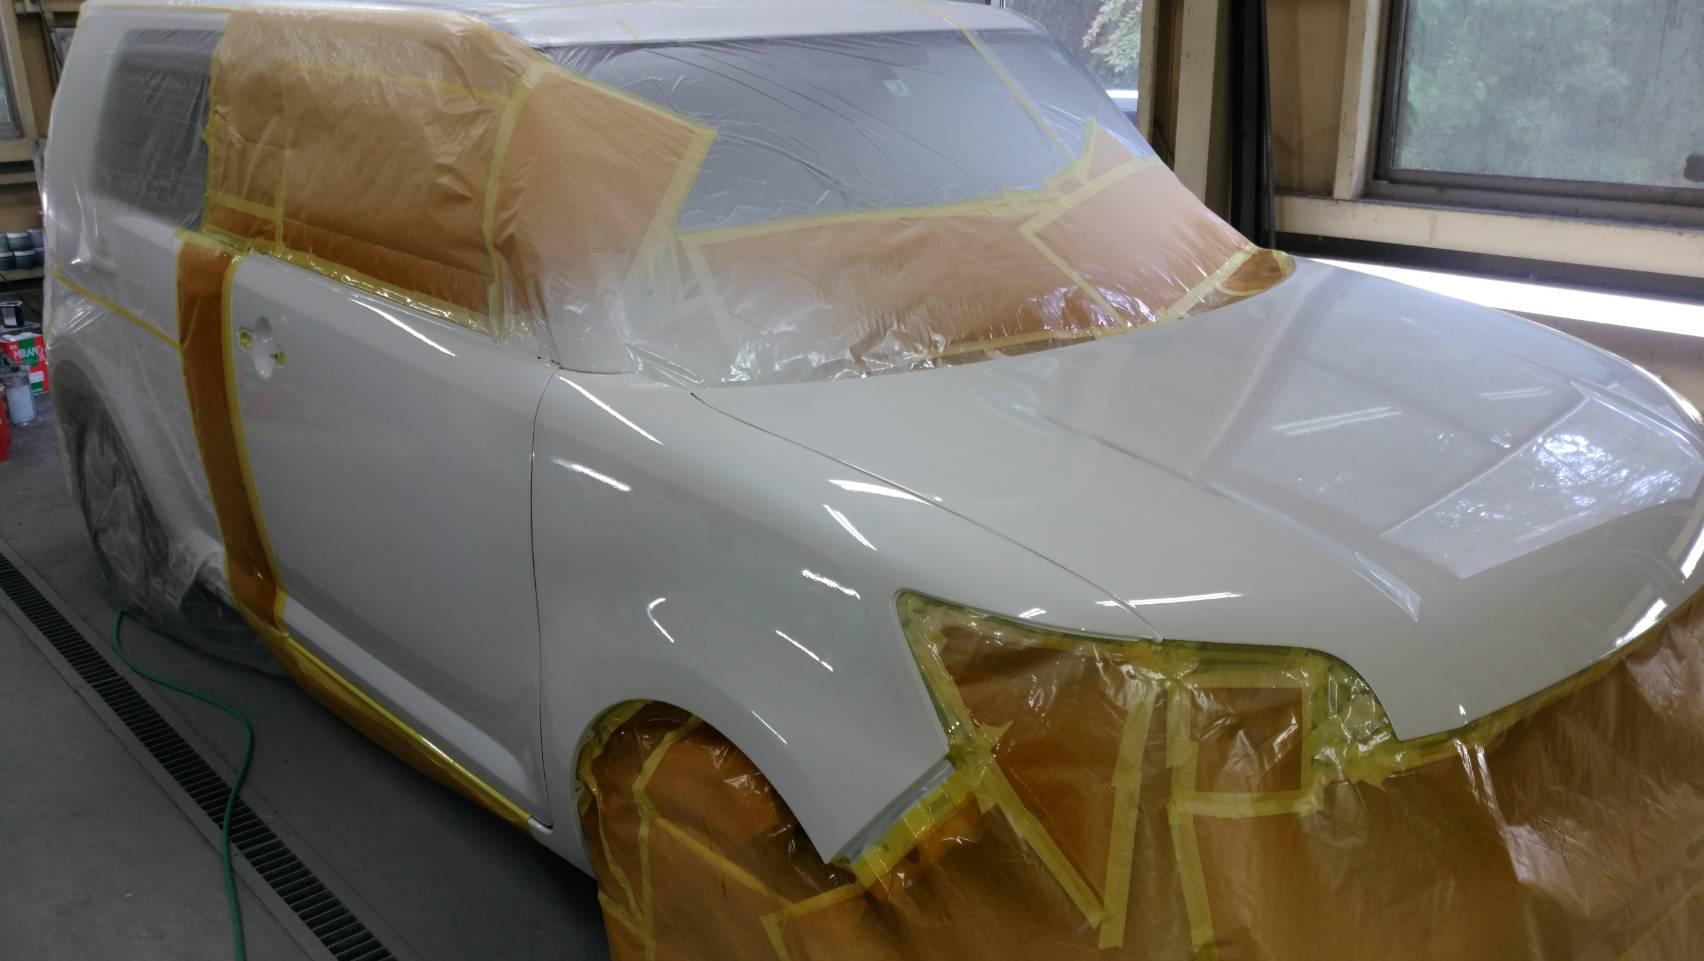 塗装施工後、耐水ペーパーで研ぎ作業、バフ掛け磨き後、各部品を組み付けて完成